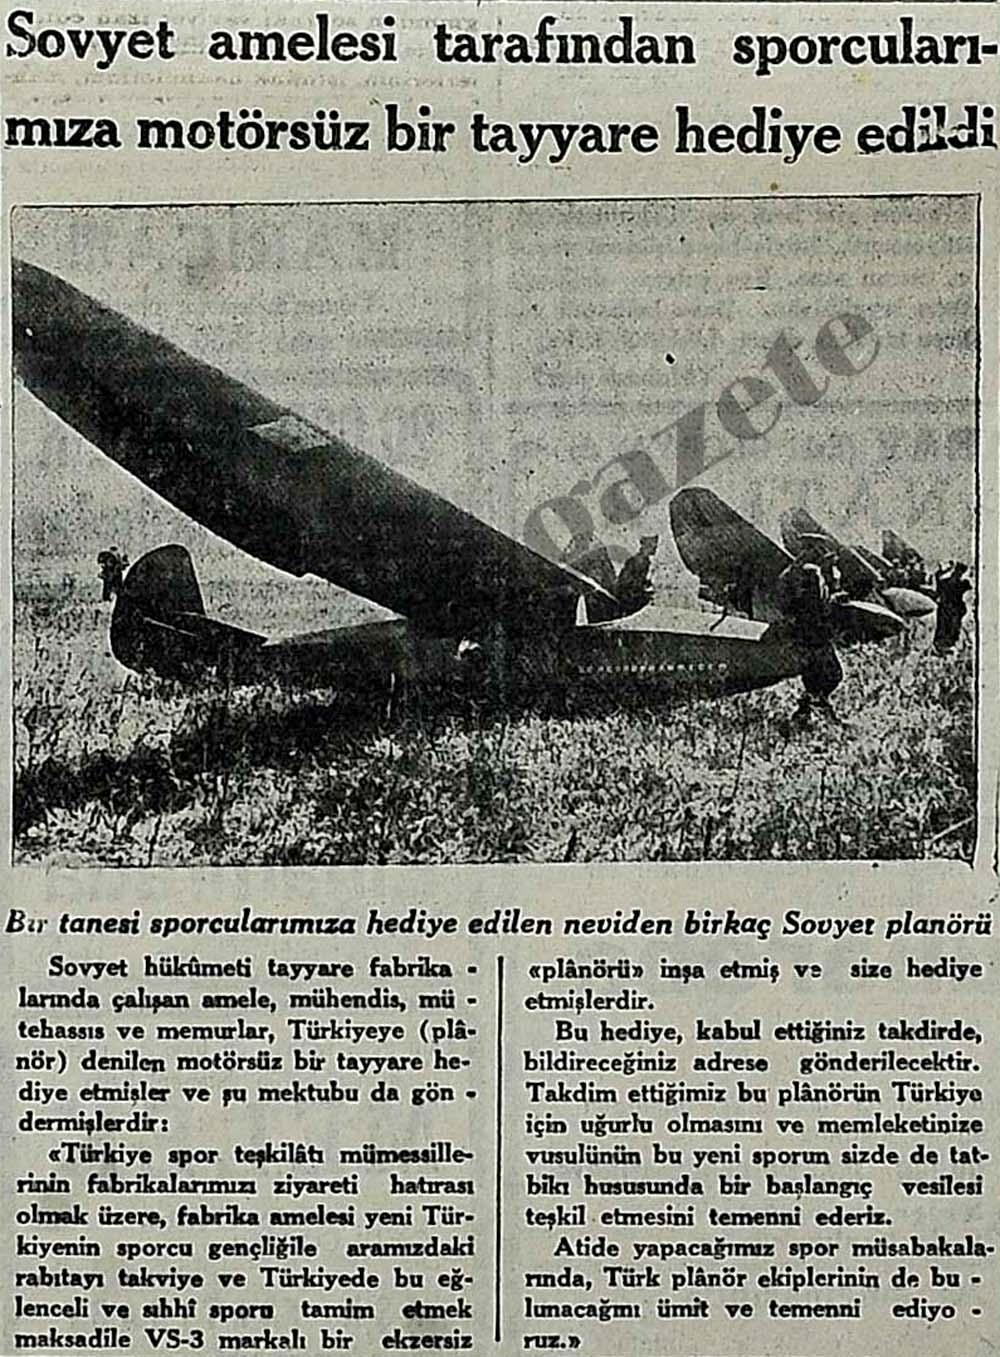 Sovyet amelesi tarafından sporcularımıza motörsüz bir tayyare hediye edildi